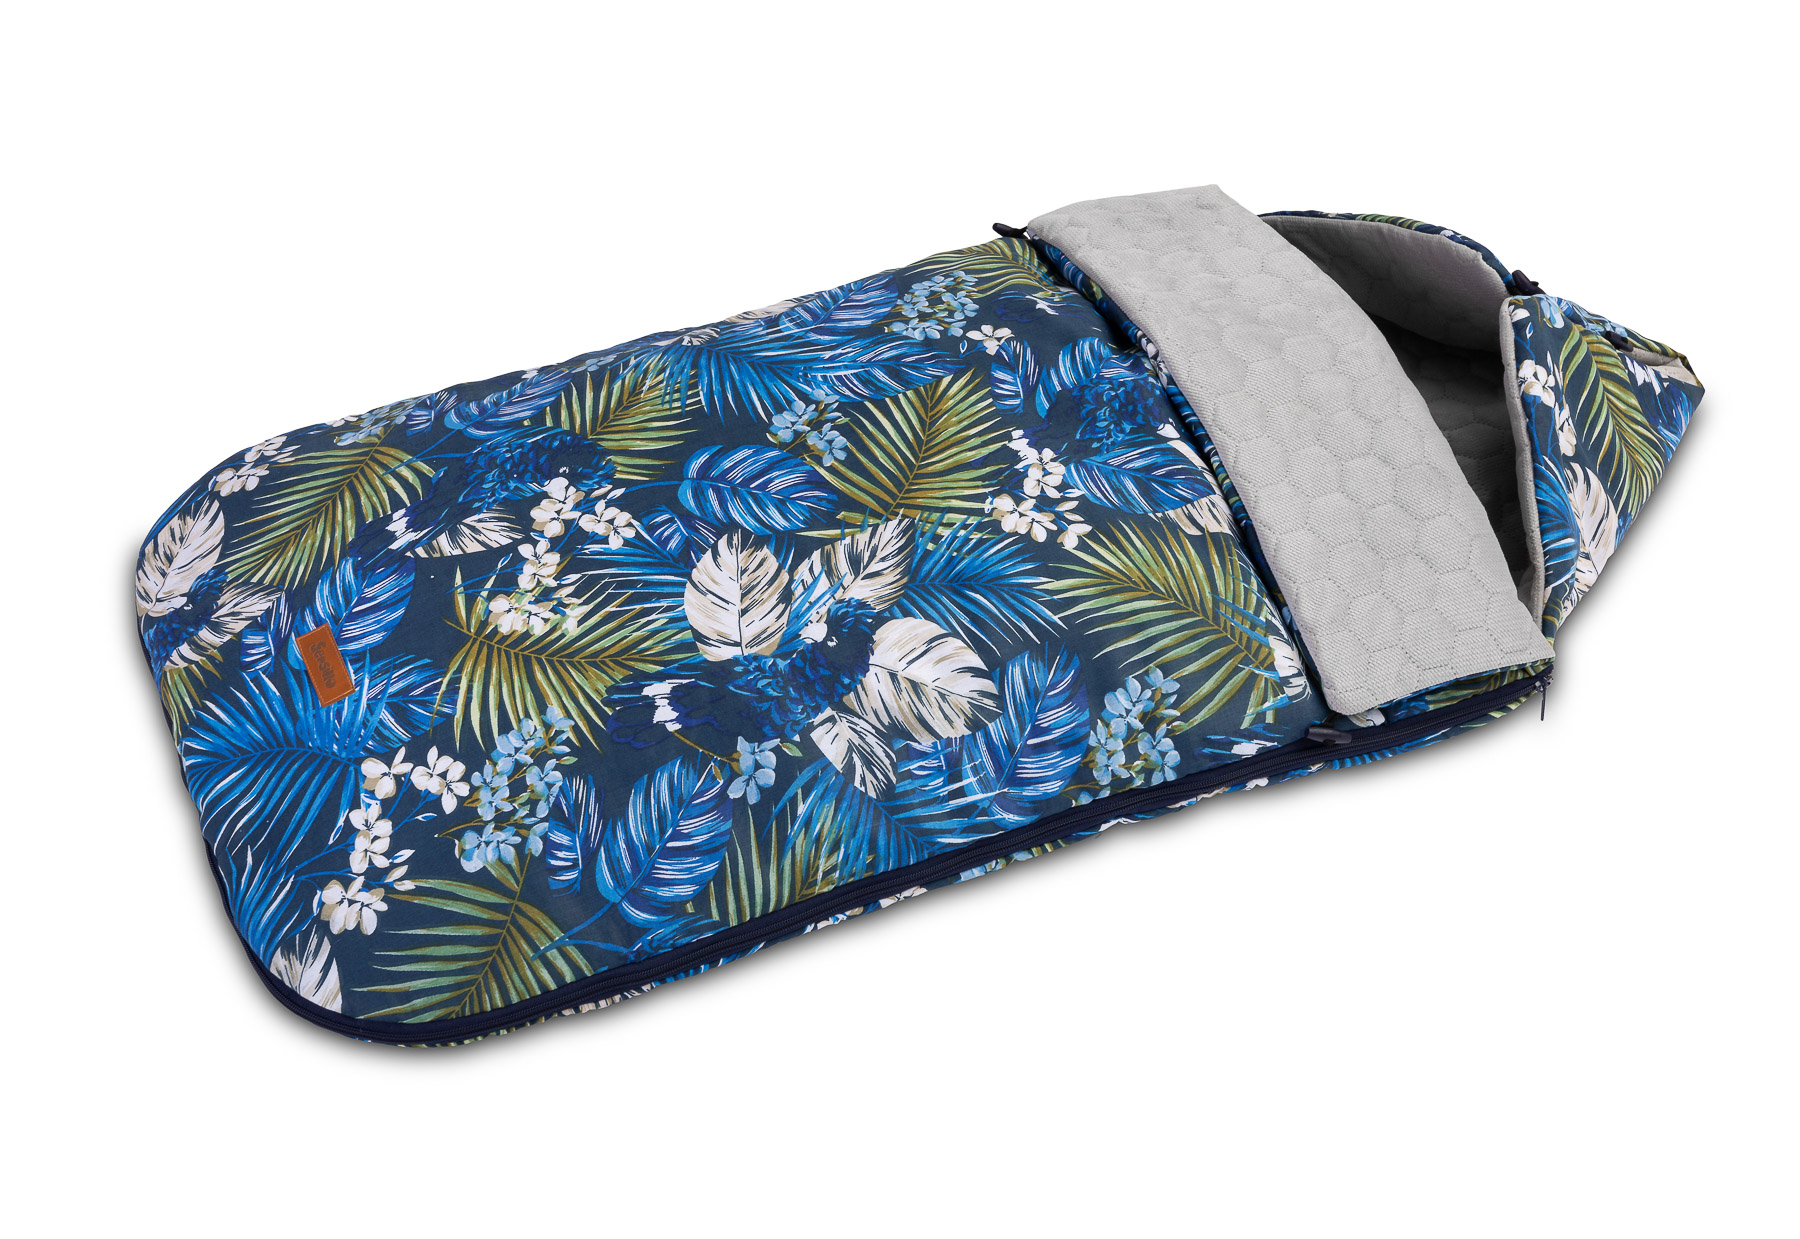 Velvet Sleeping Bag – navy parrots